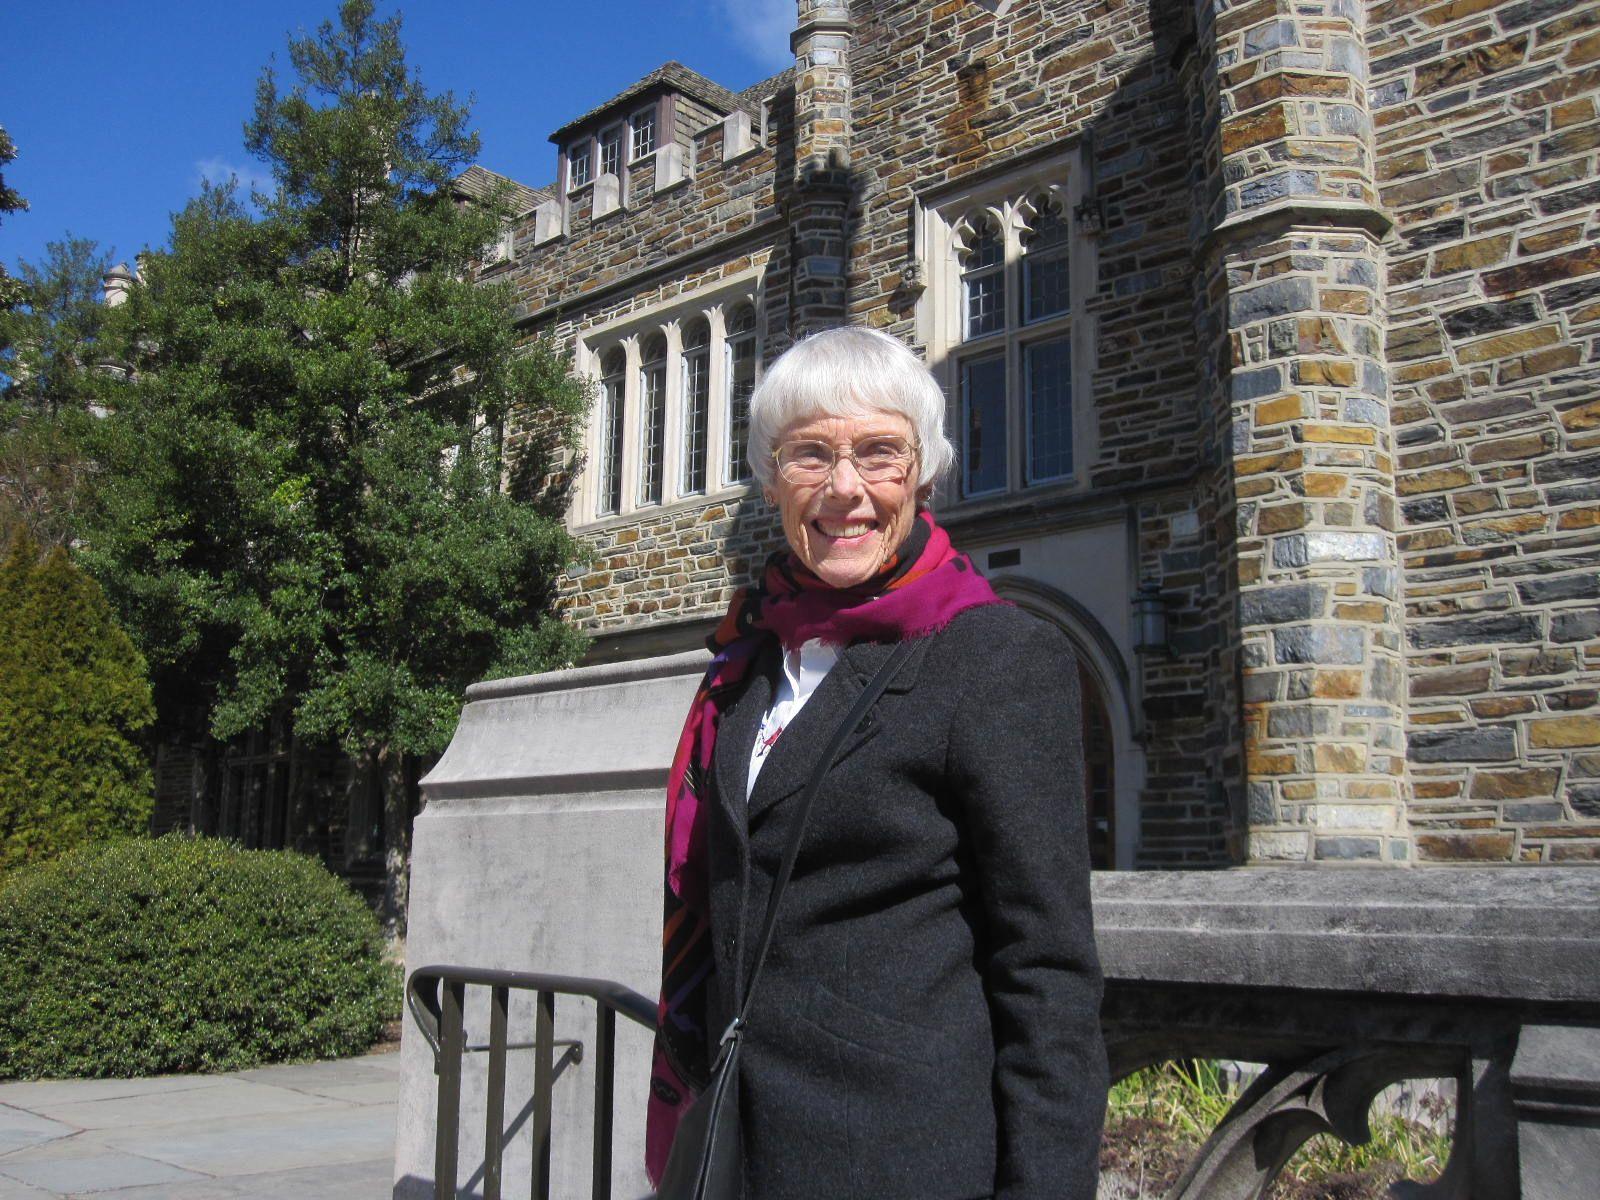 Professor Jill Raitt